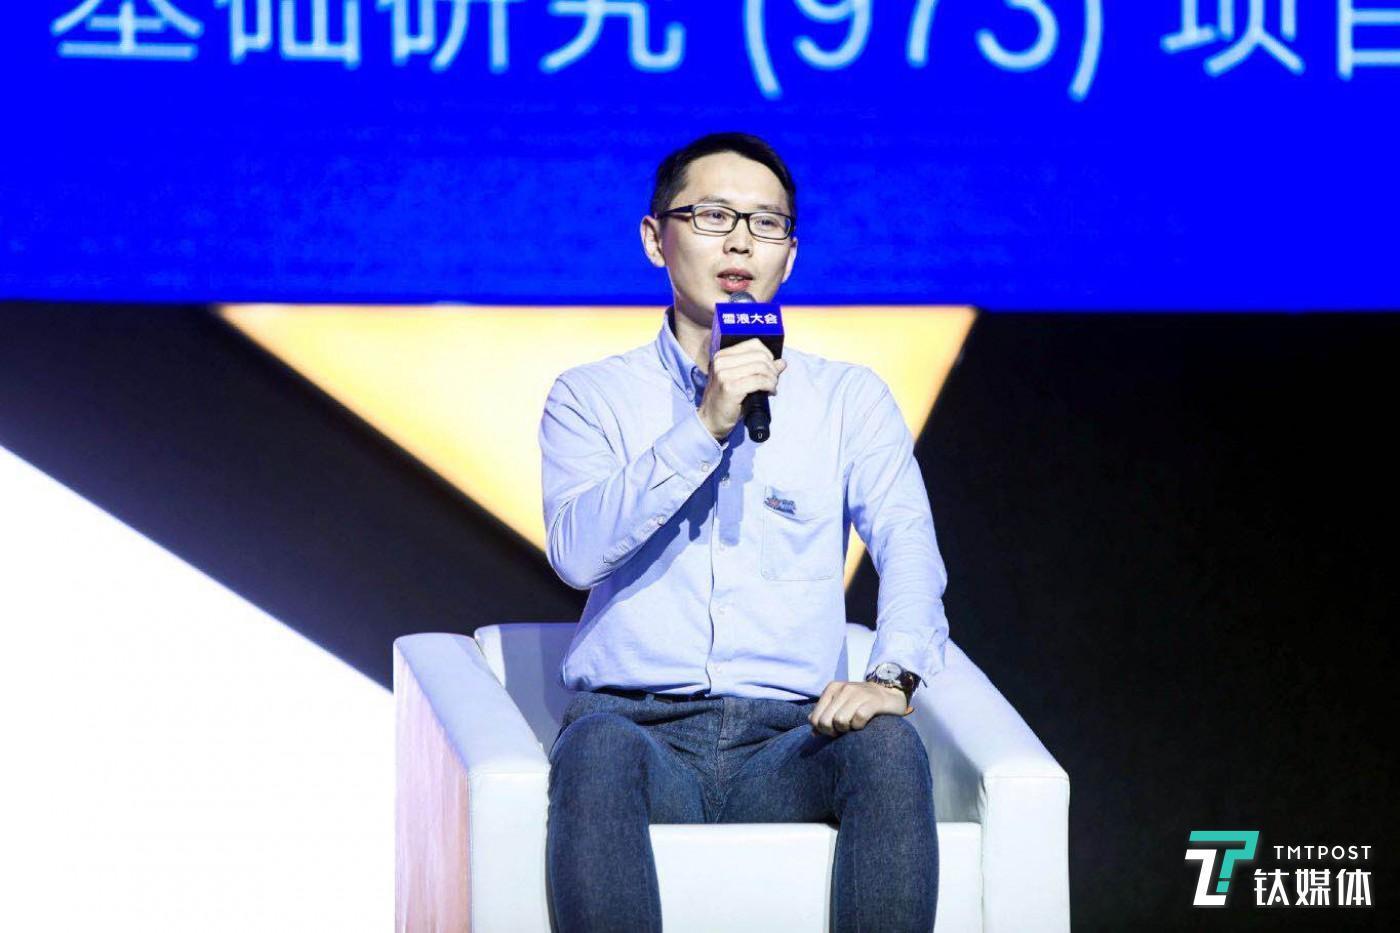 无锡雪浪数制科技有限公司创始人CEO王峰